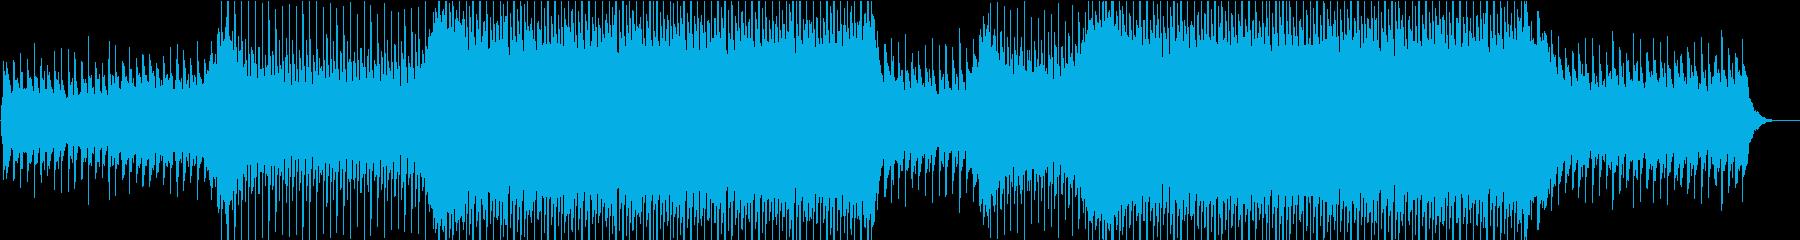 企業VPや映像/爽やか/明るい/ピアノの再生済みの波形